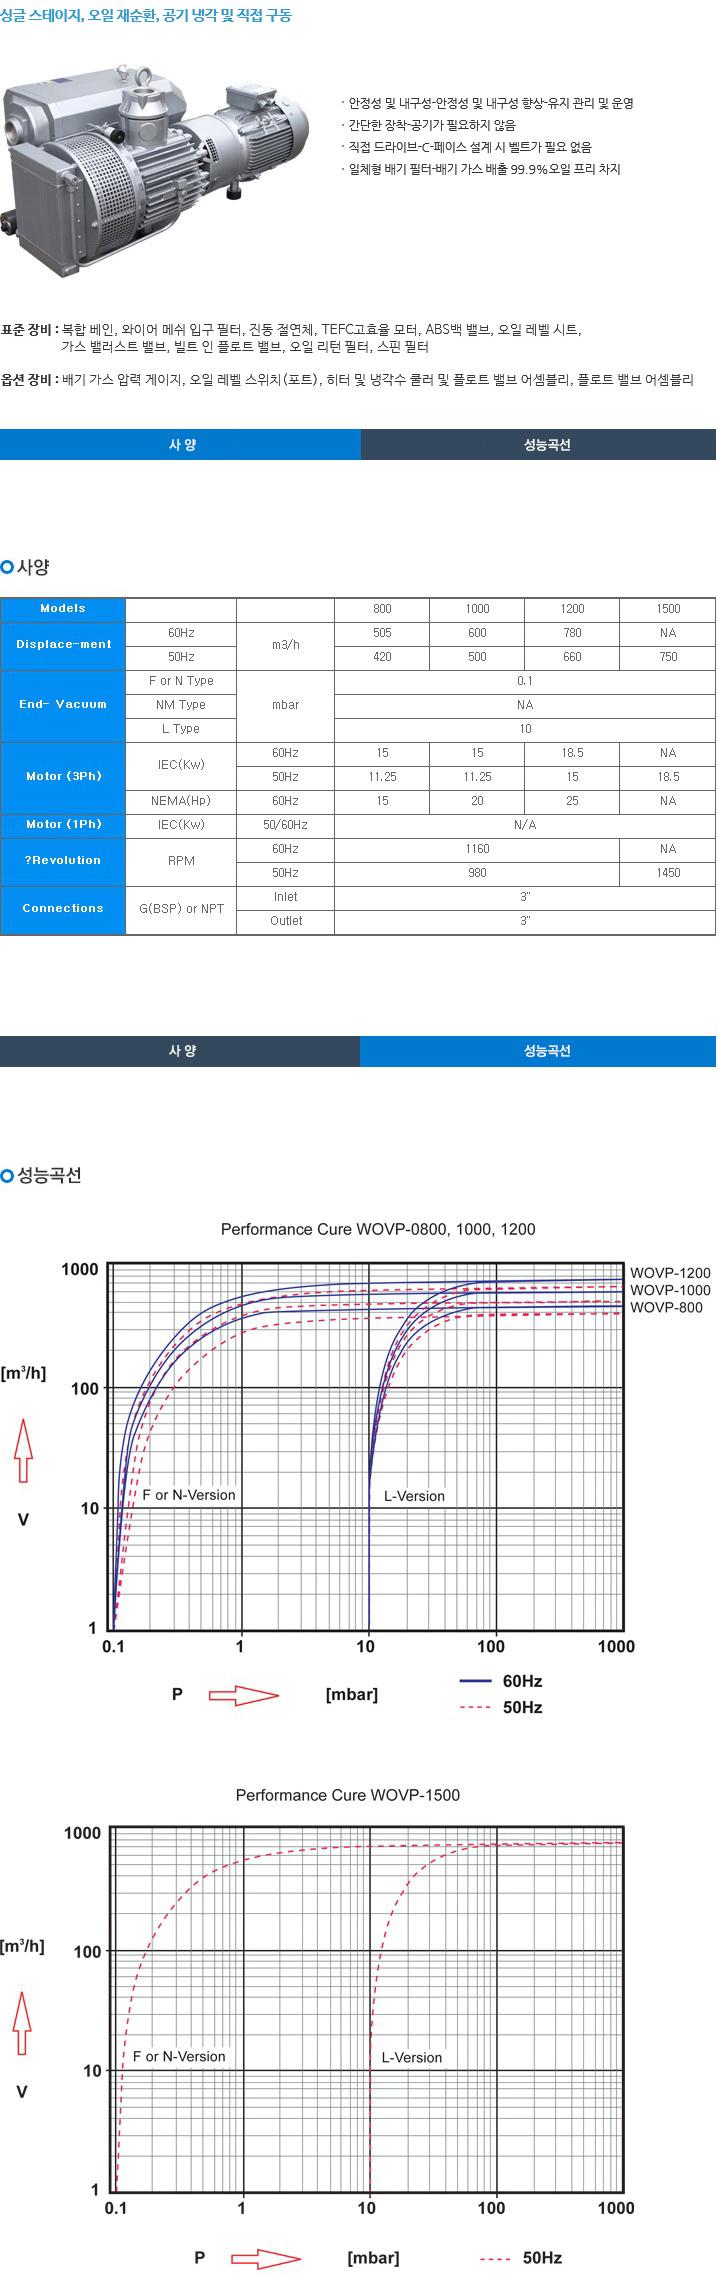 원창진공(주)  WOVP-0800,1000/1200,1500 1